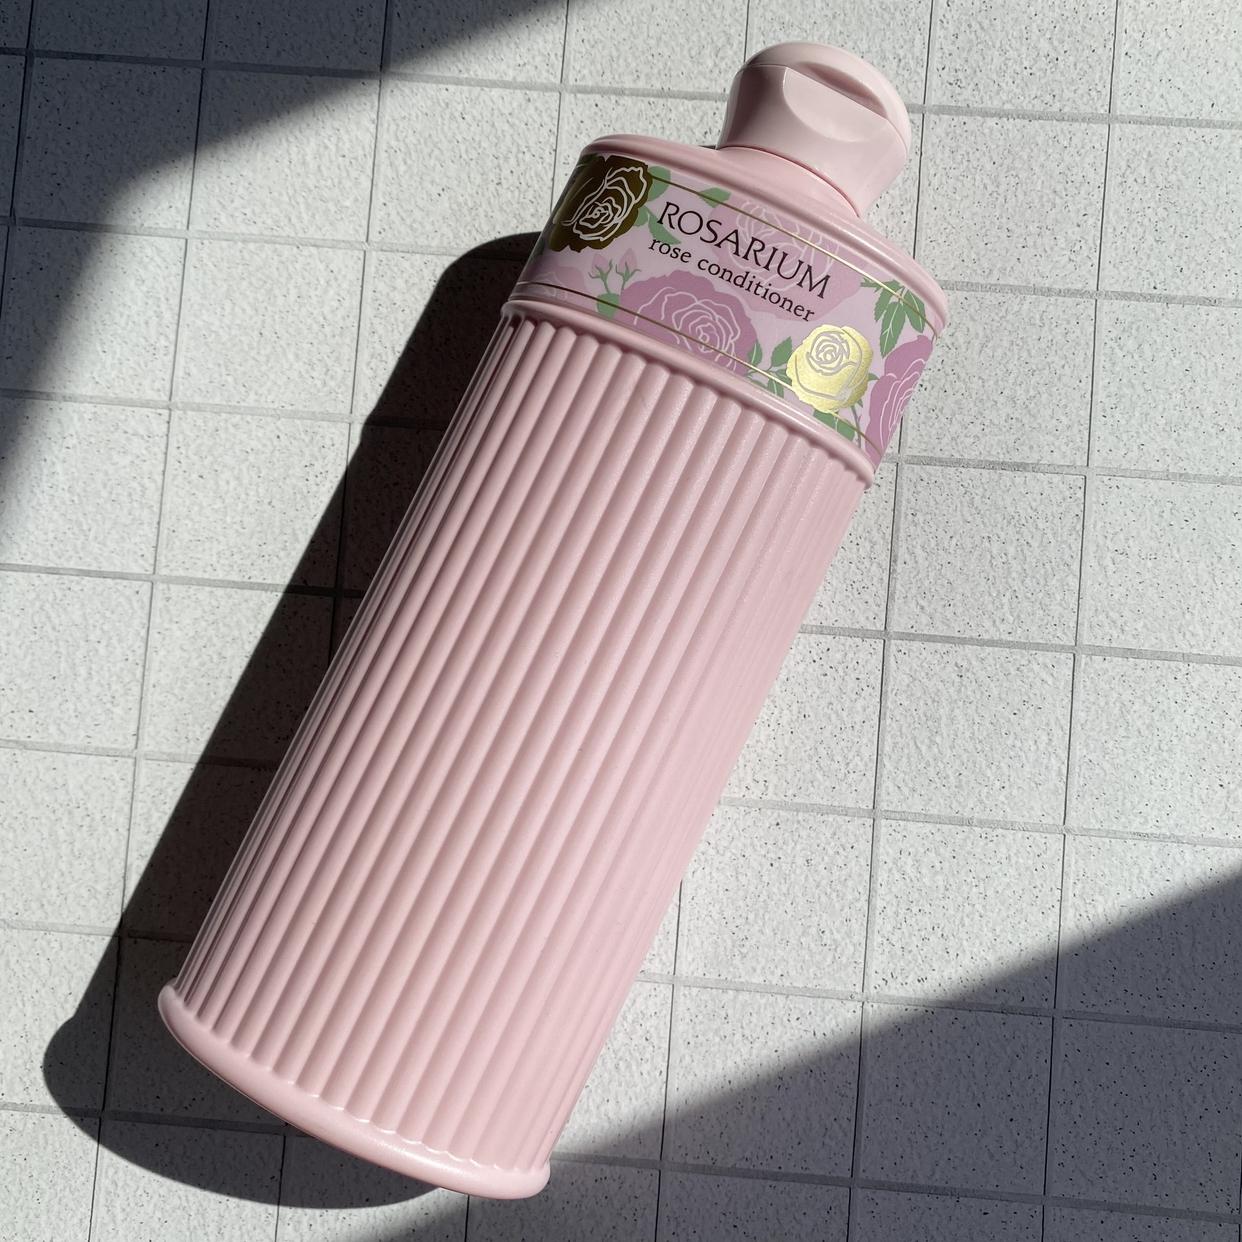 ばら園ローズコンディショナーRXを使ったimacosさんのクチコミ画像